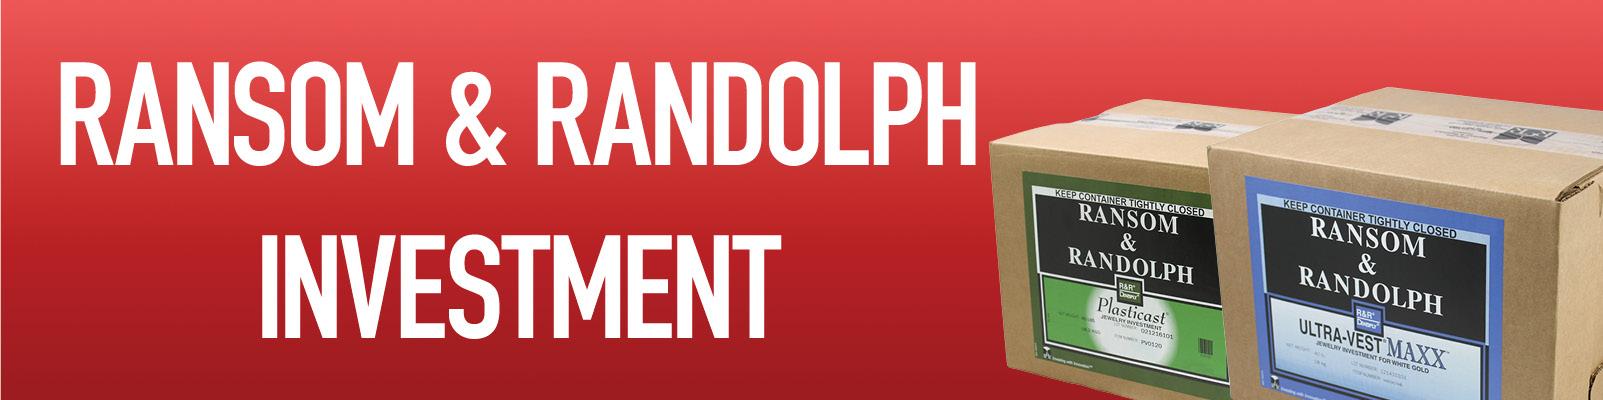 Ransom & Randolph Investment